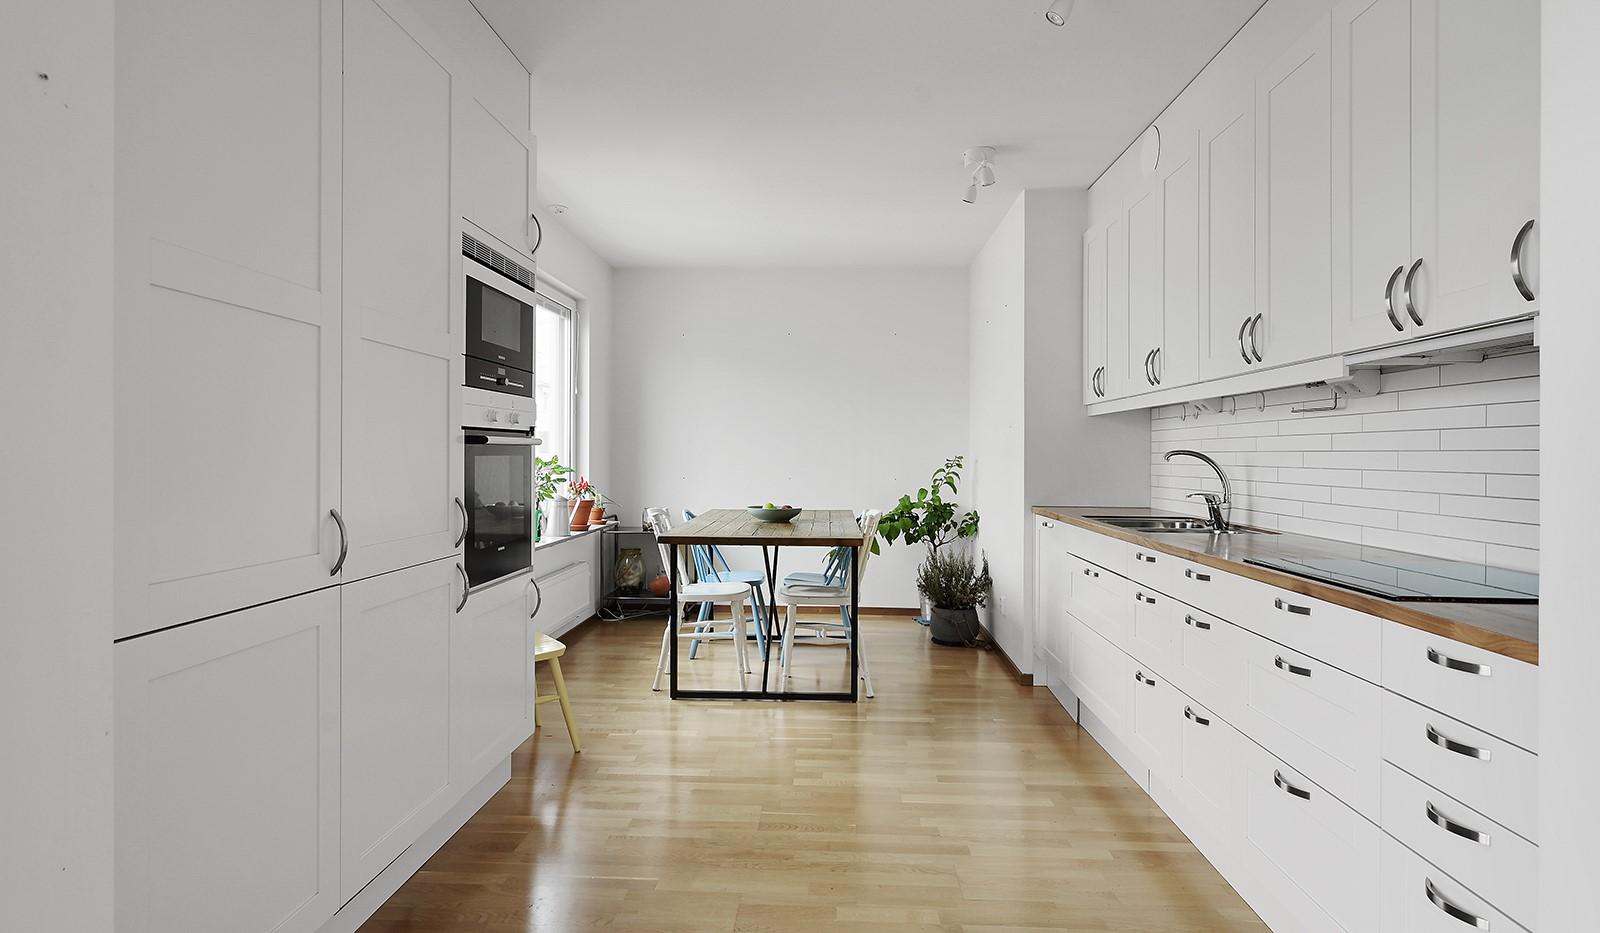 Marieviksgatan 38, 6 tr - Stilrent kök med gott om förvaring